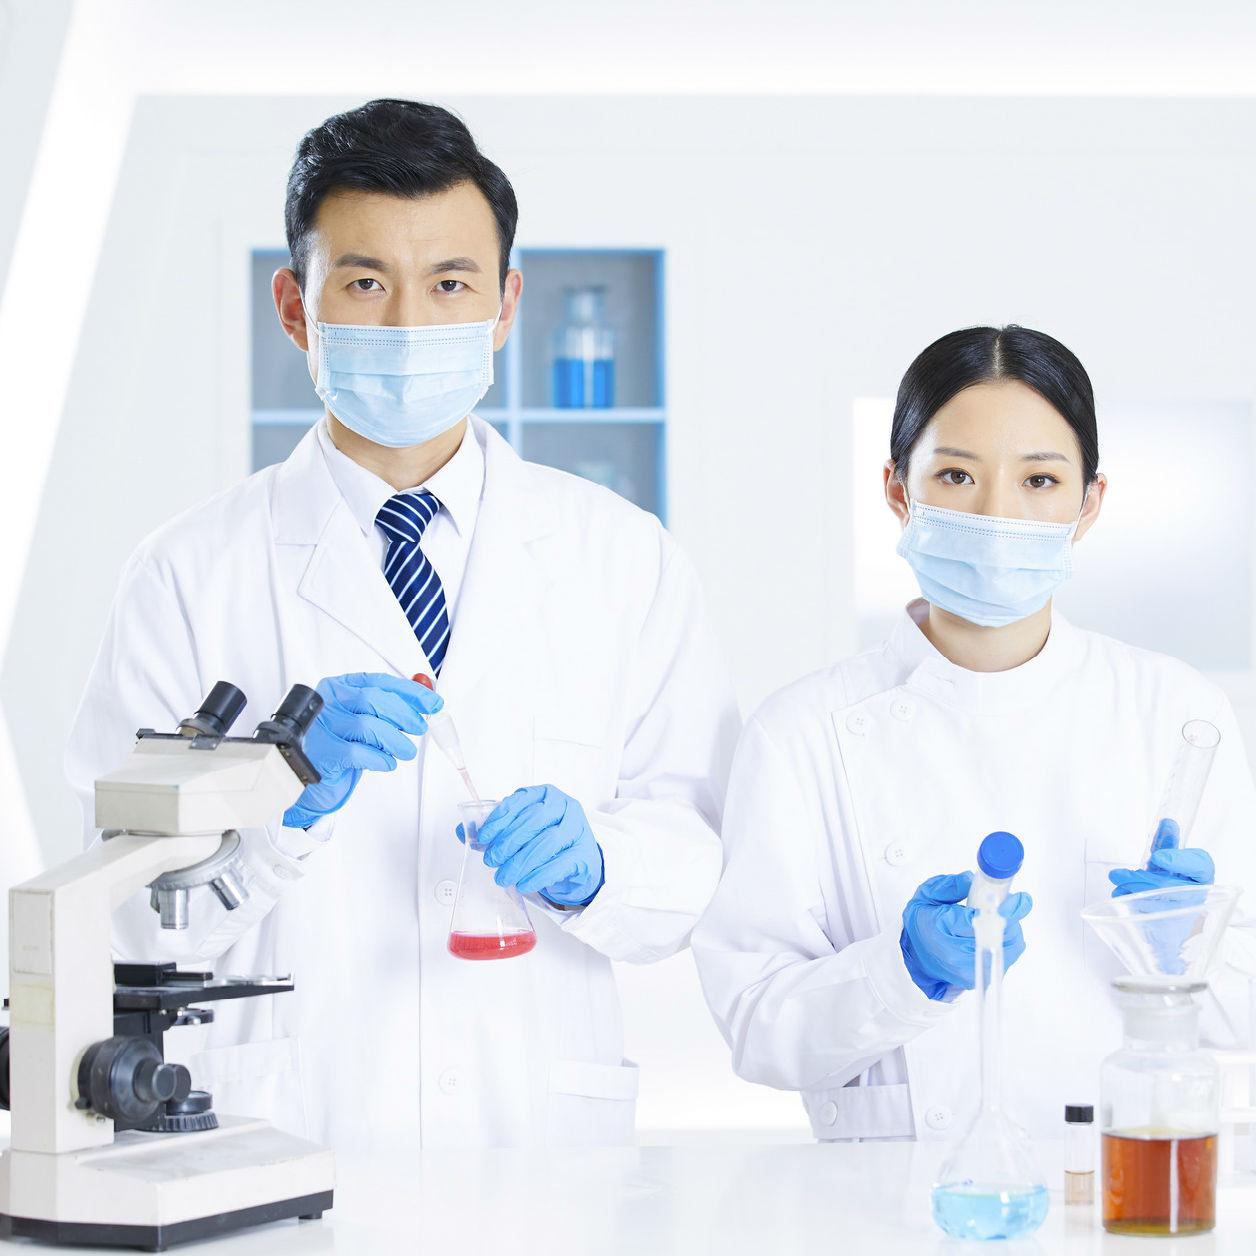 洛阳执业药师培训机构哪个比较好